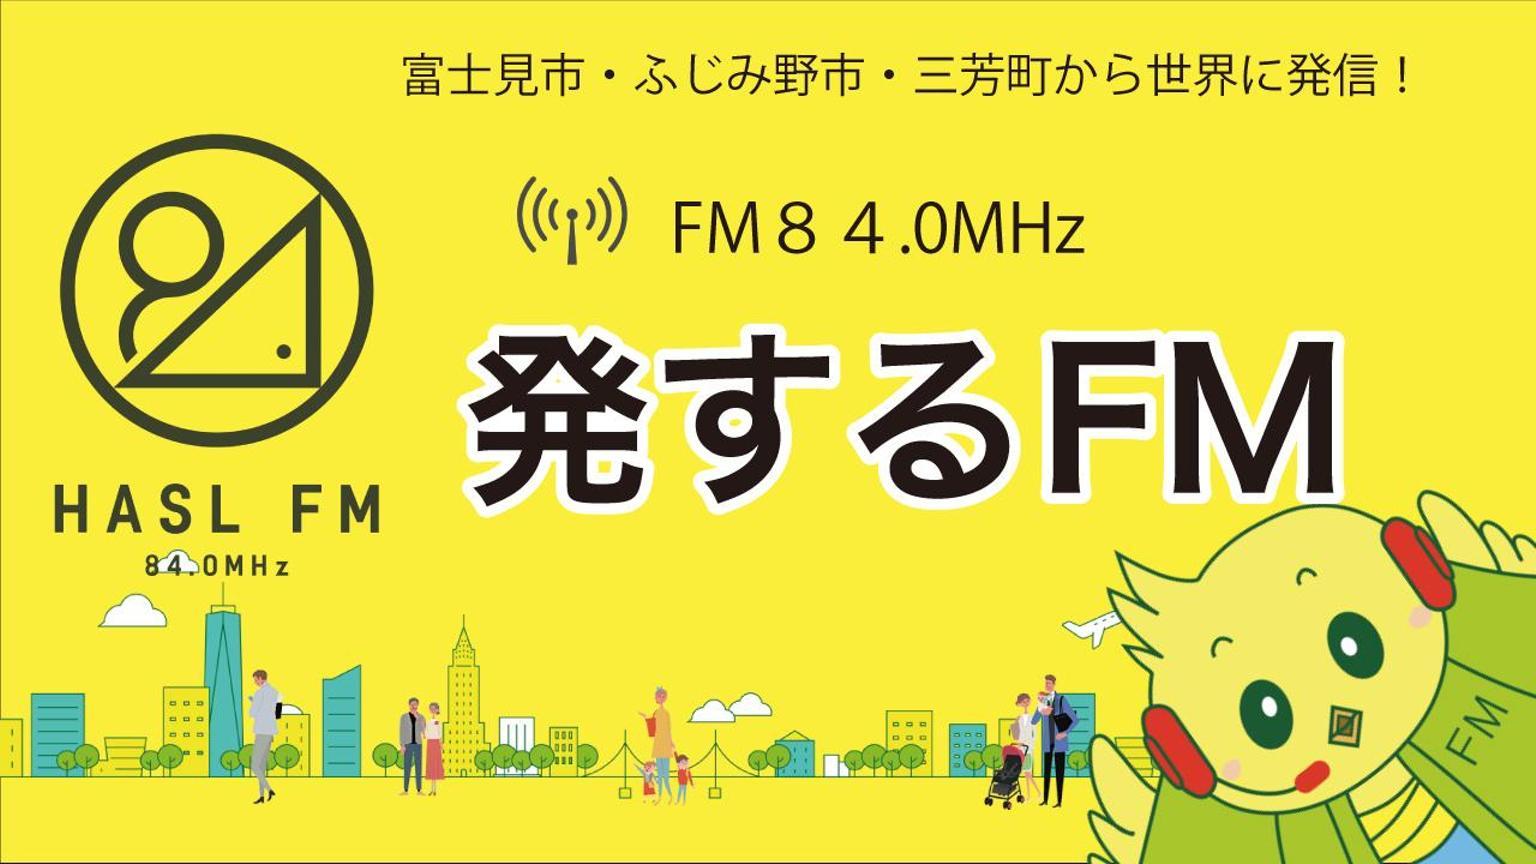 発するFM公式配信ルーム